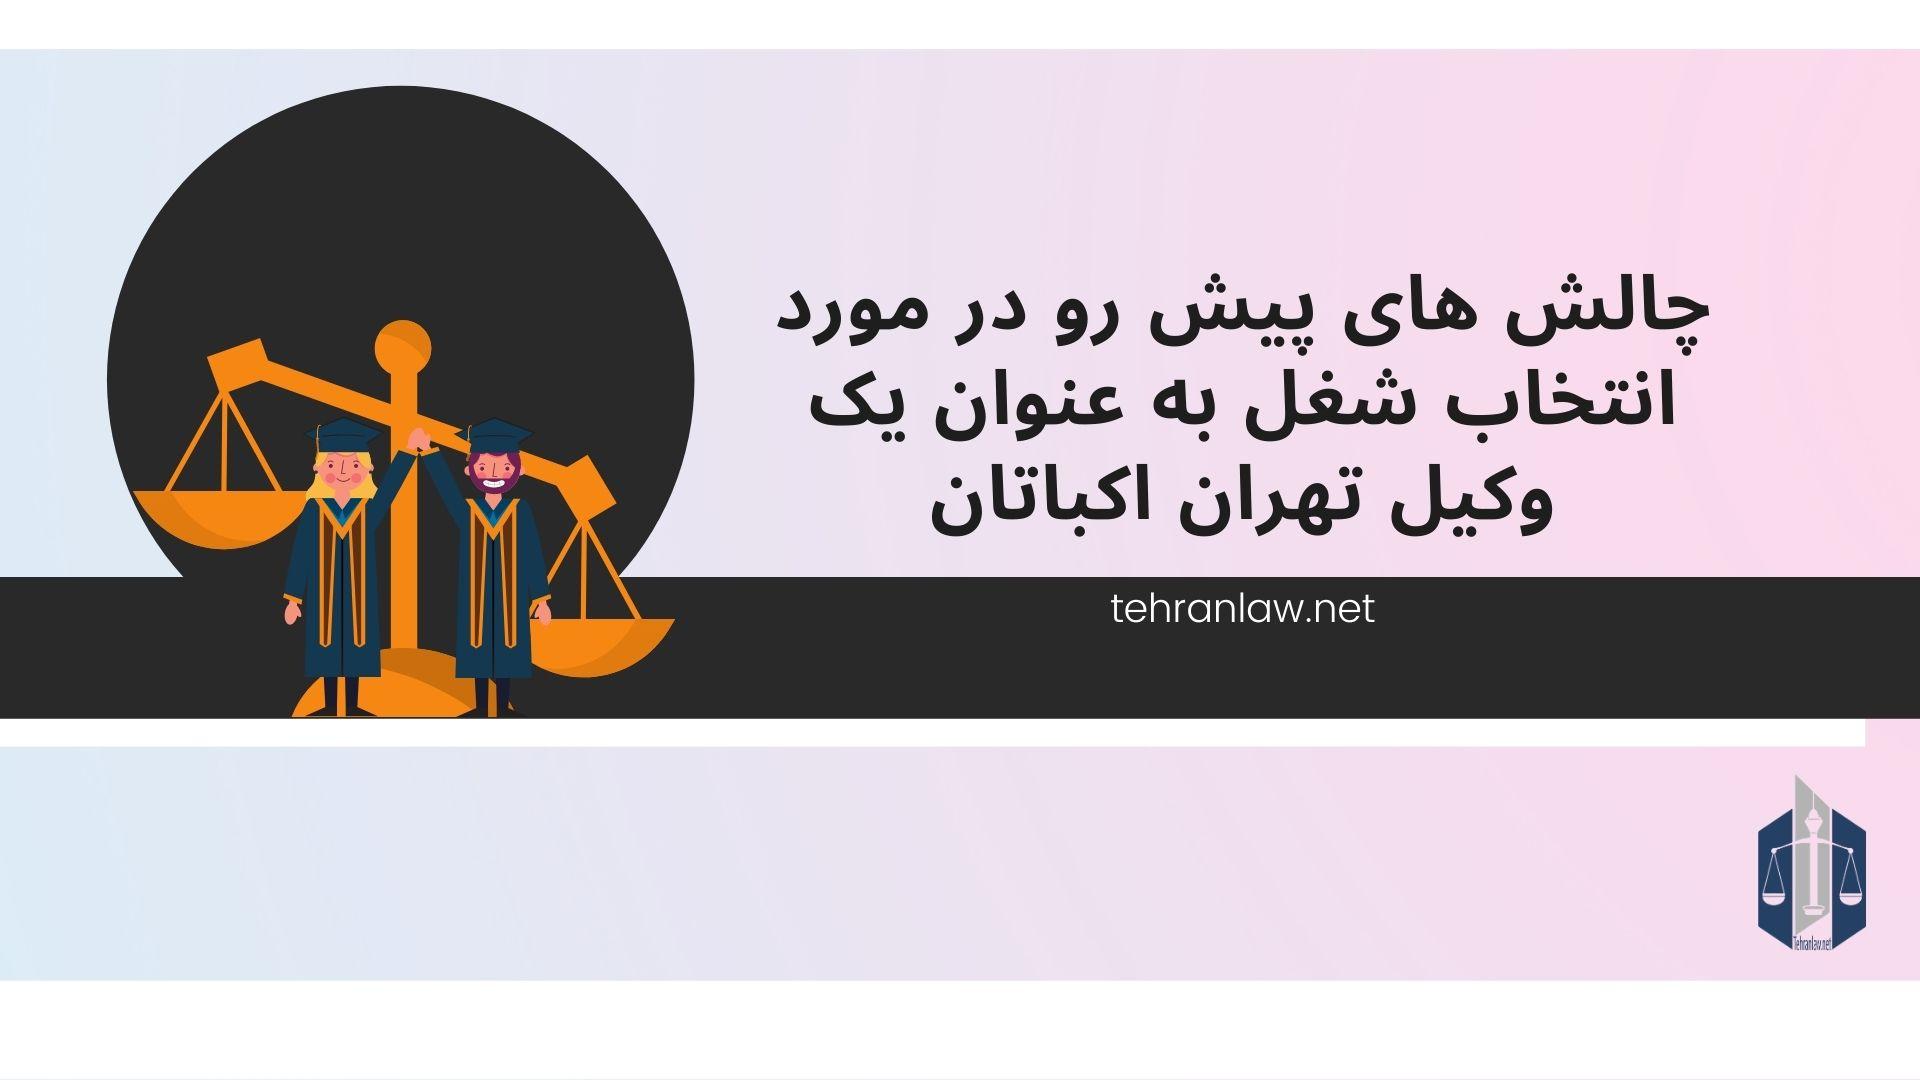 چالش های پیش رو در مورد انتخاب شغل به عنوان یک وکیل تهران اکباتان